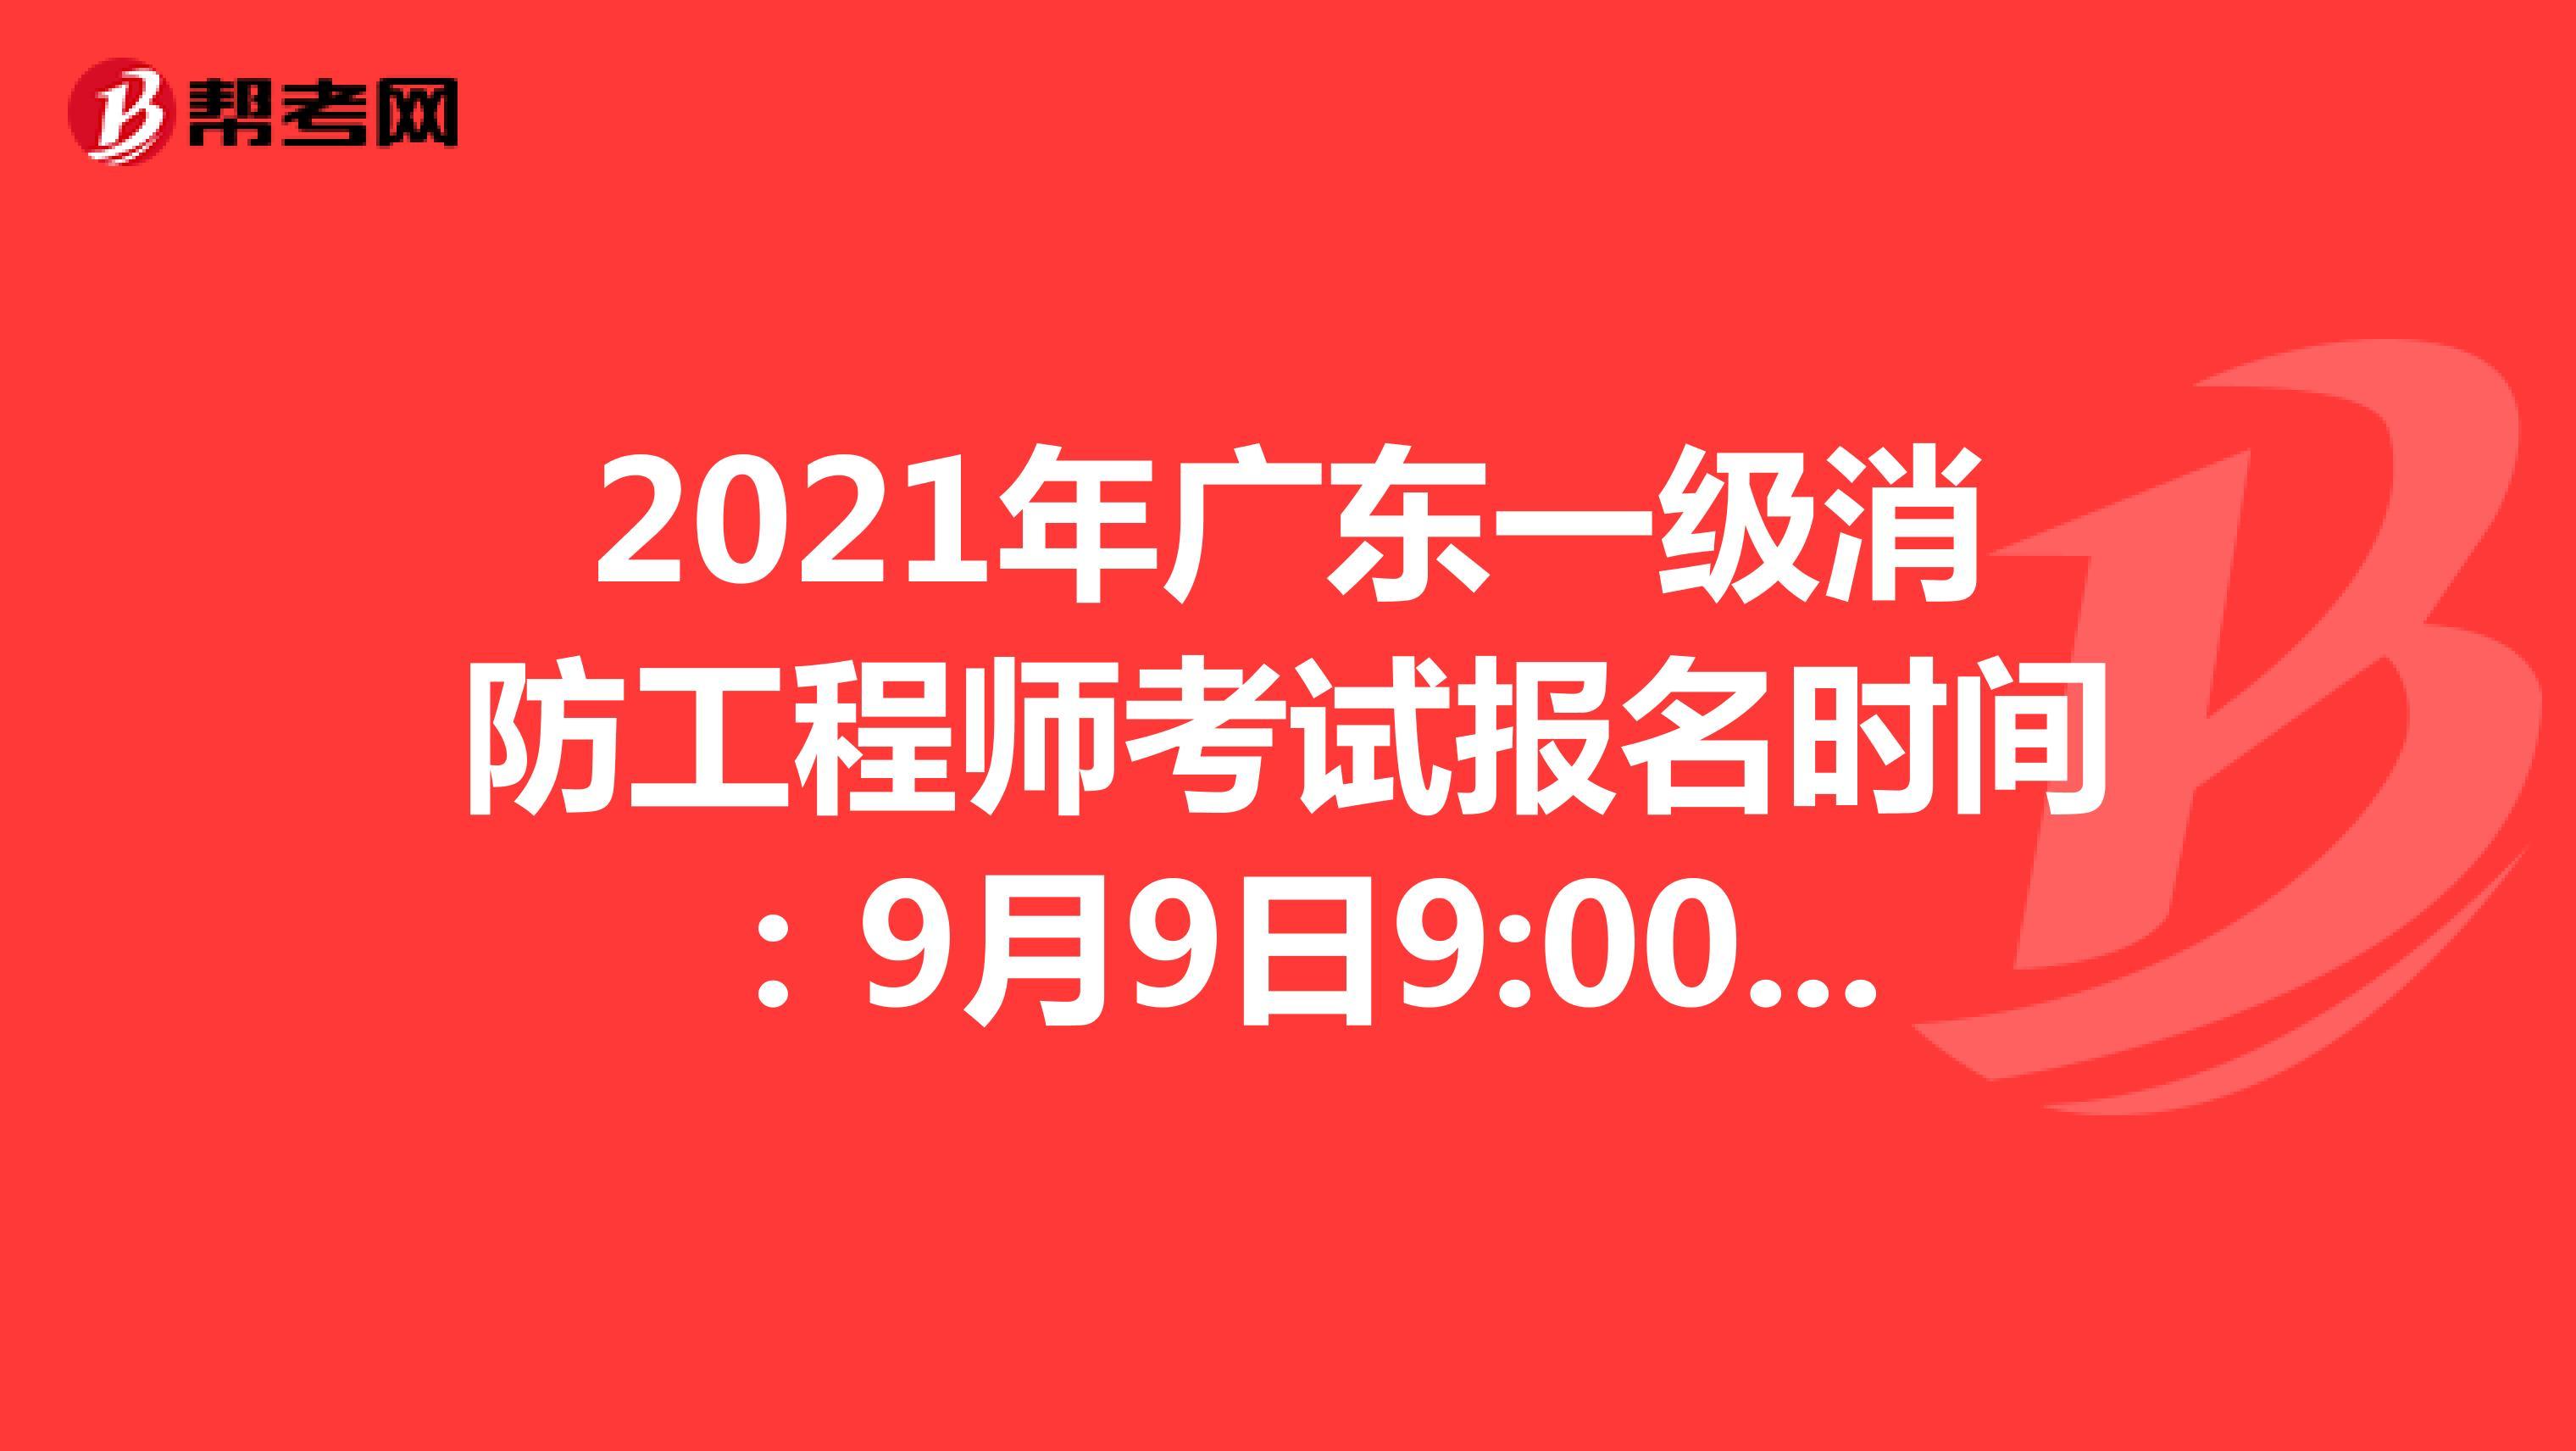 2021年广东一级消防工程师考试报名时间:9月9日9:00-9月17日17:00